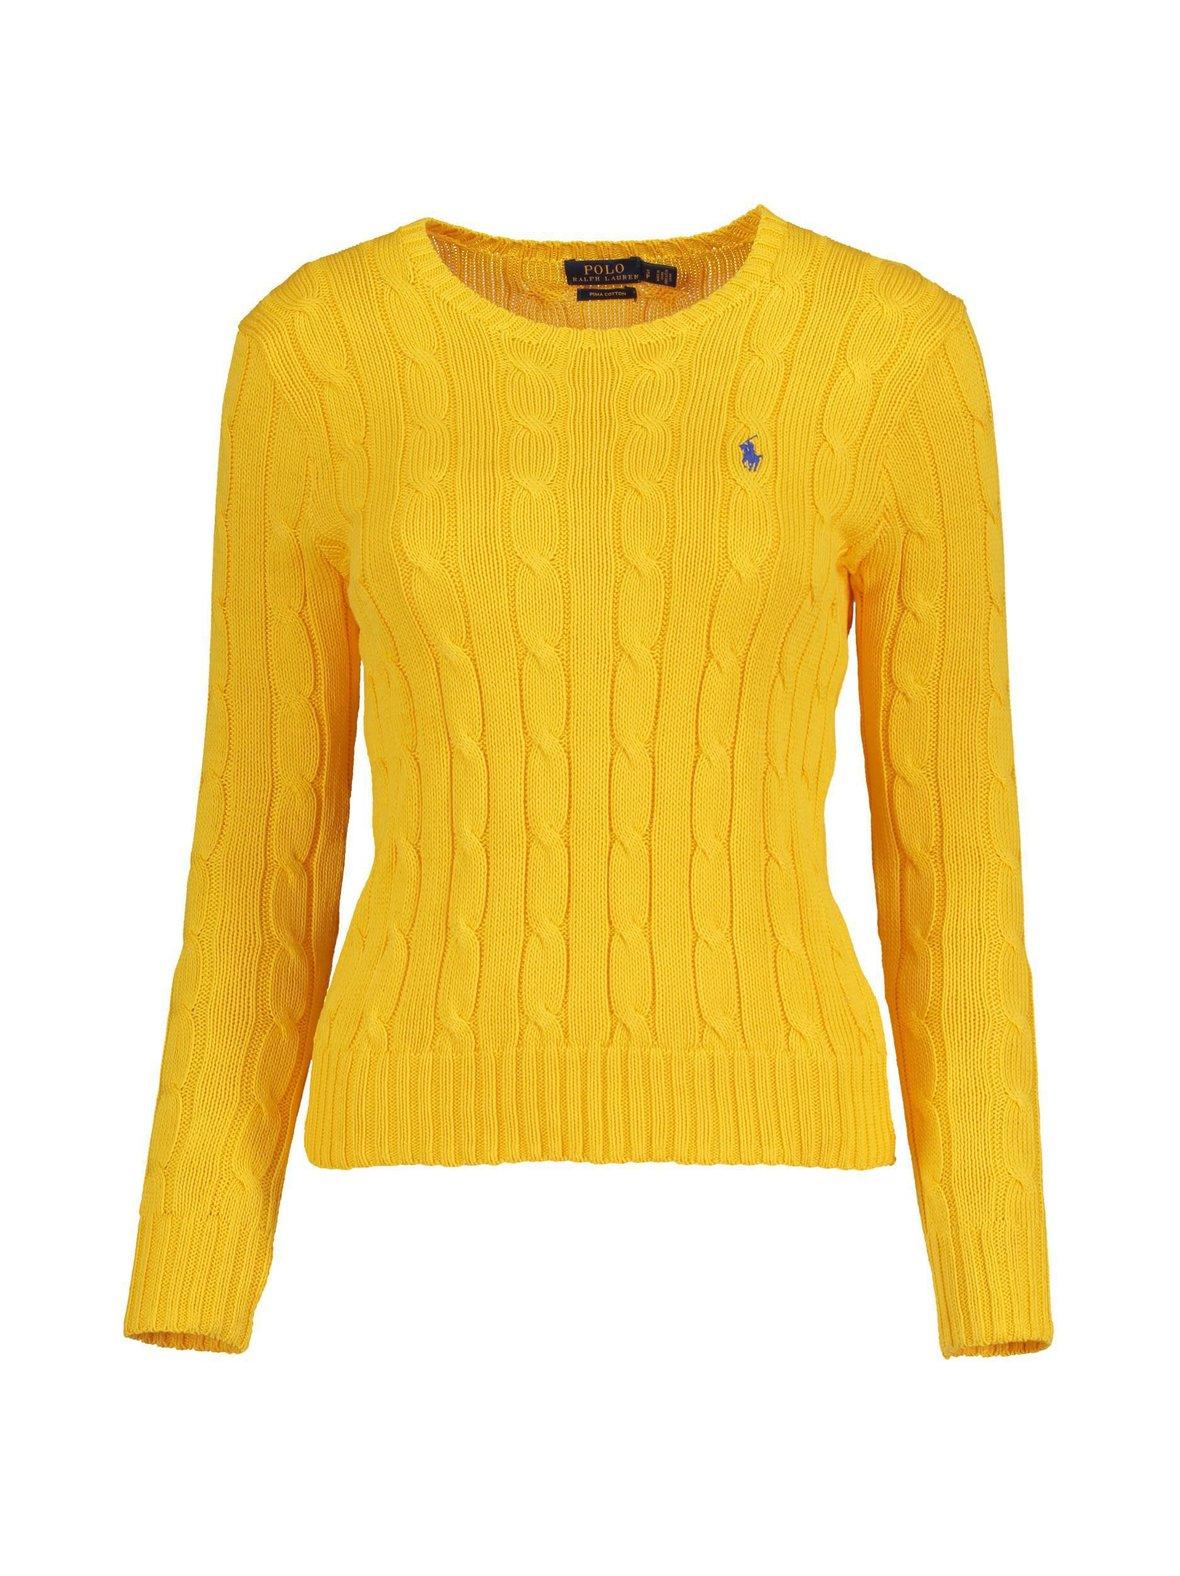 Gold (keltainen) Polo Ralph Lauren Cotton Classic Cable -neule ... ff0163c389